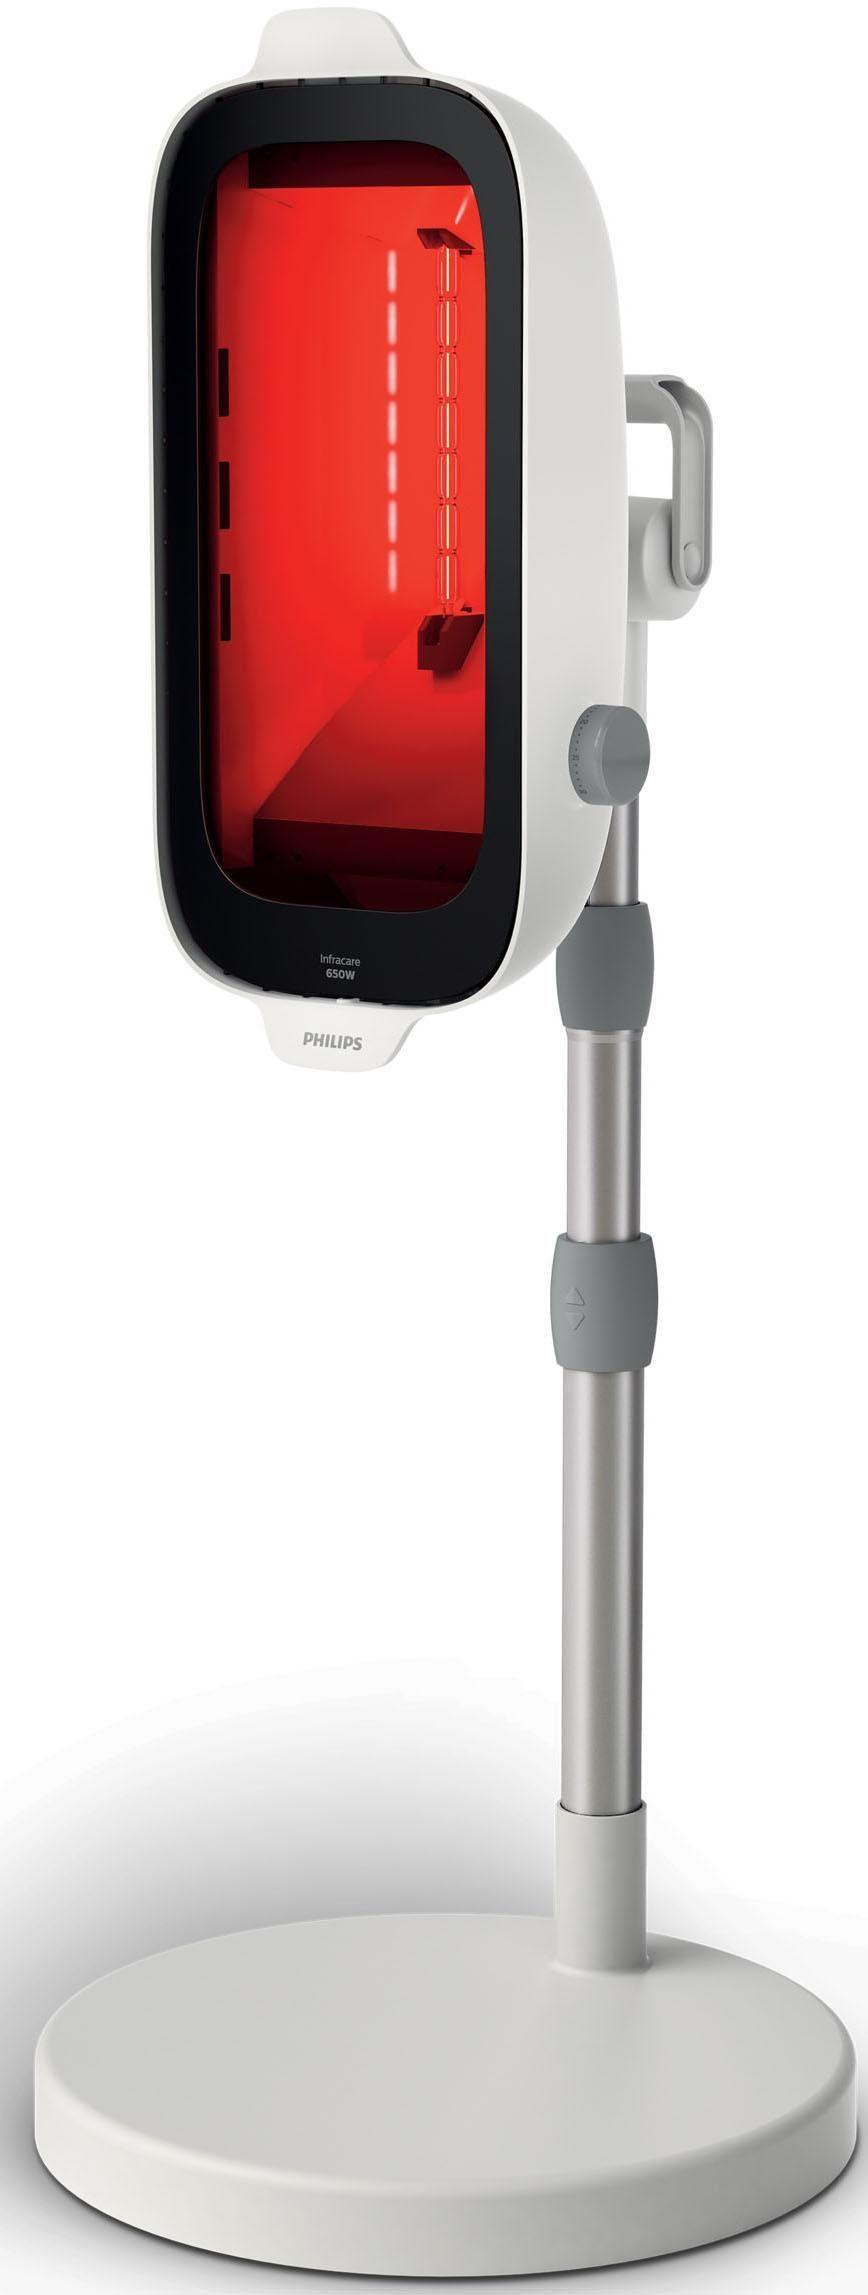 Philips Infrarotlampe PR3140/00, InfraCare 650 Watt